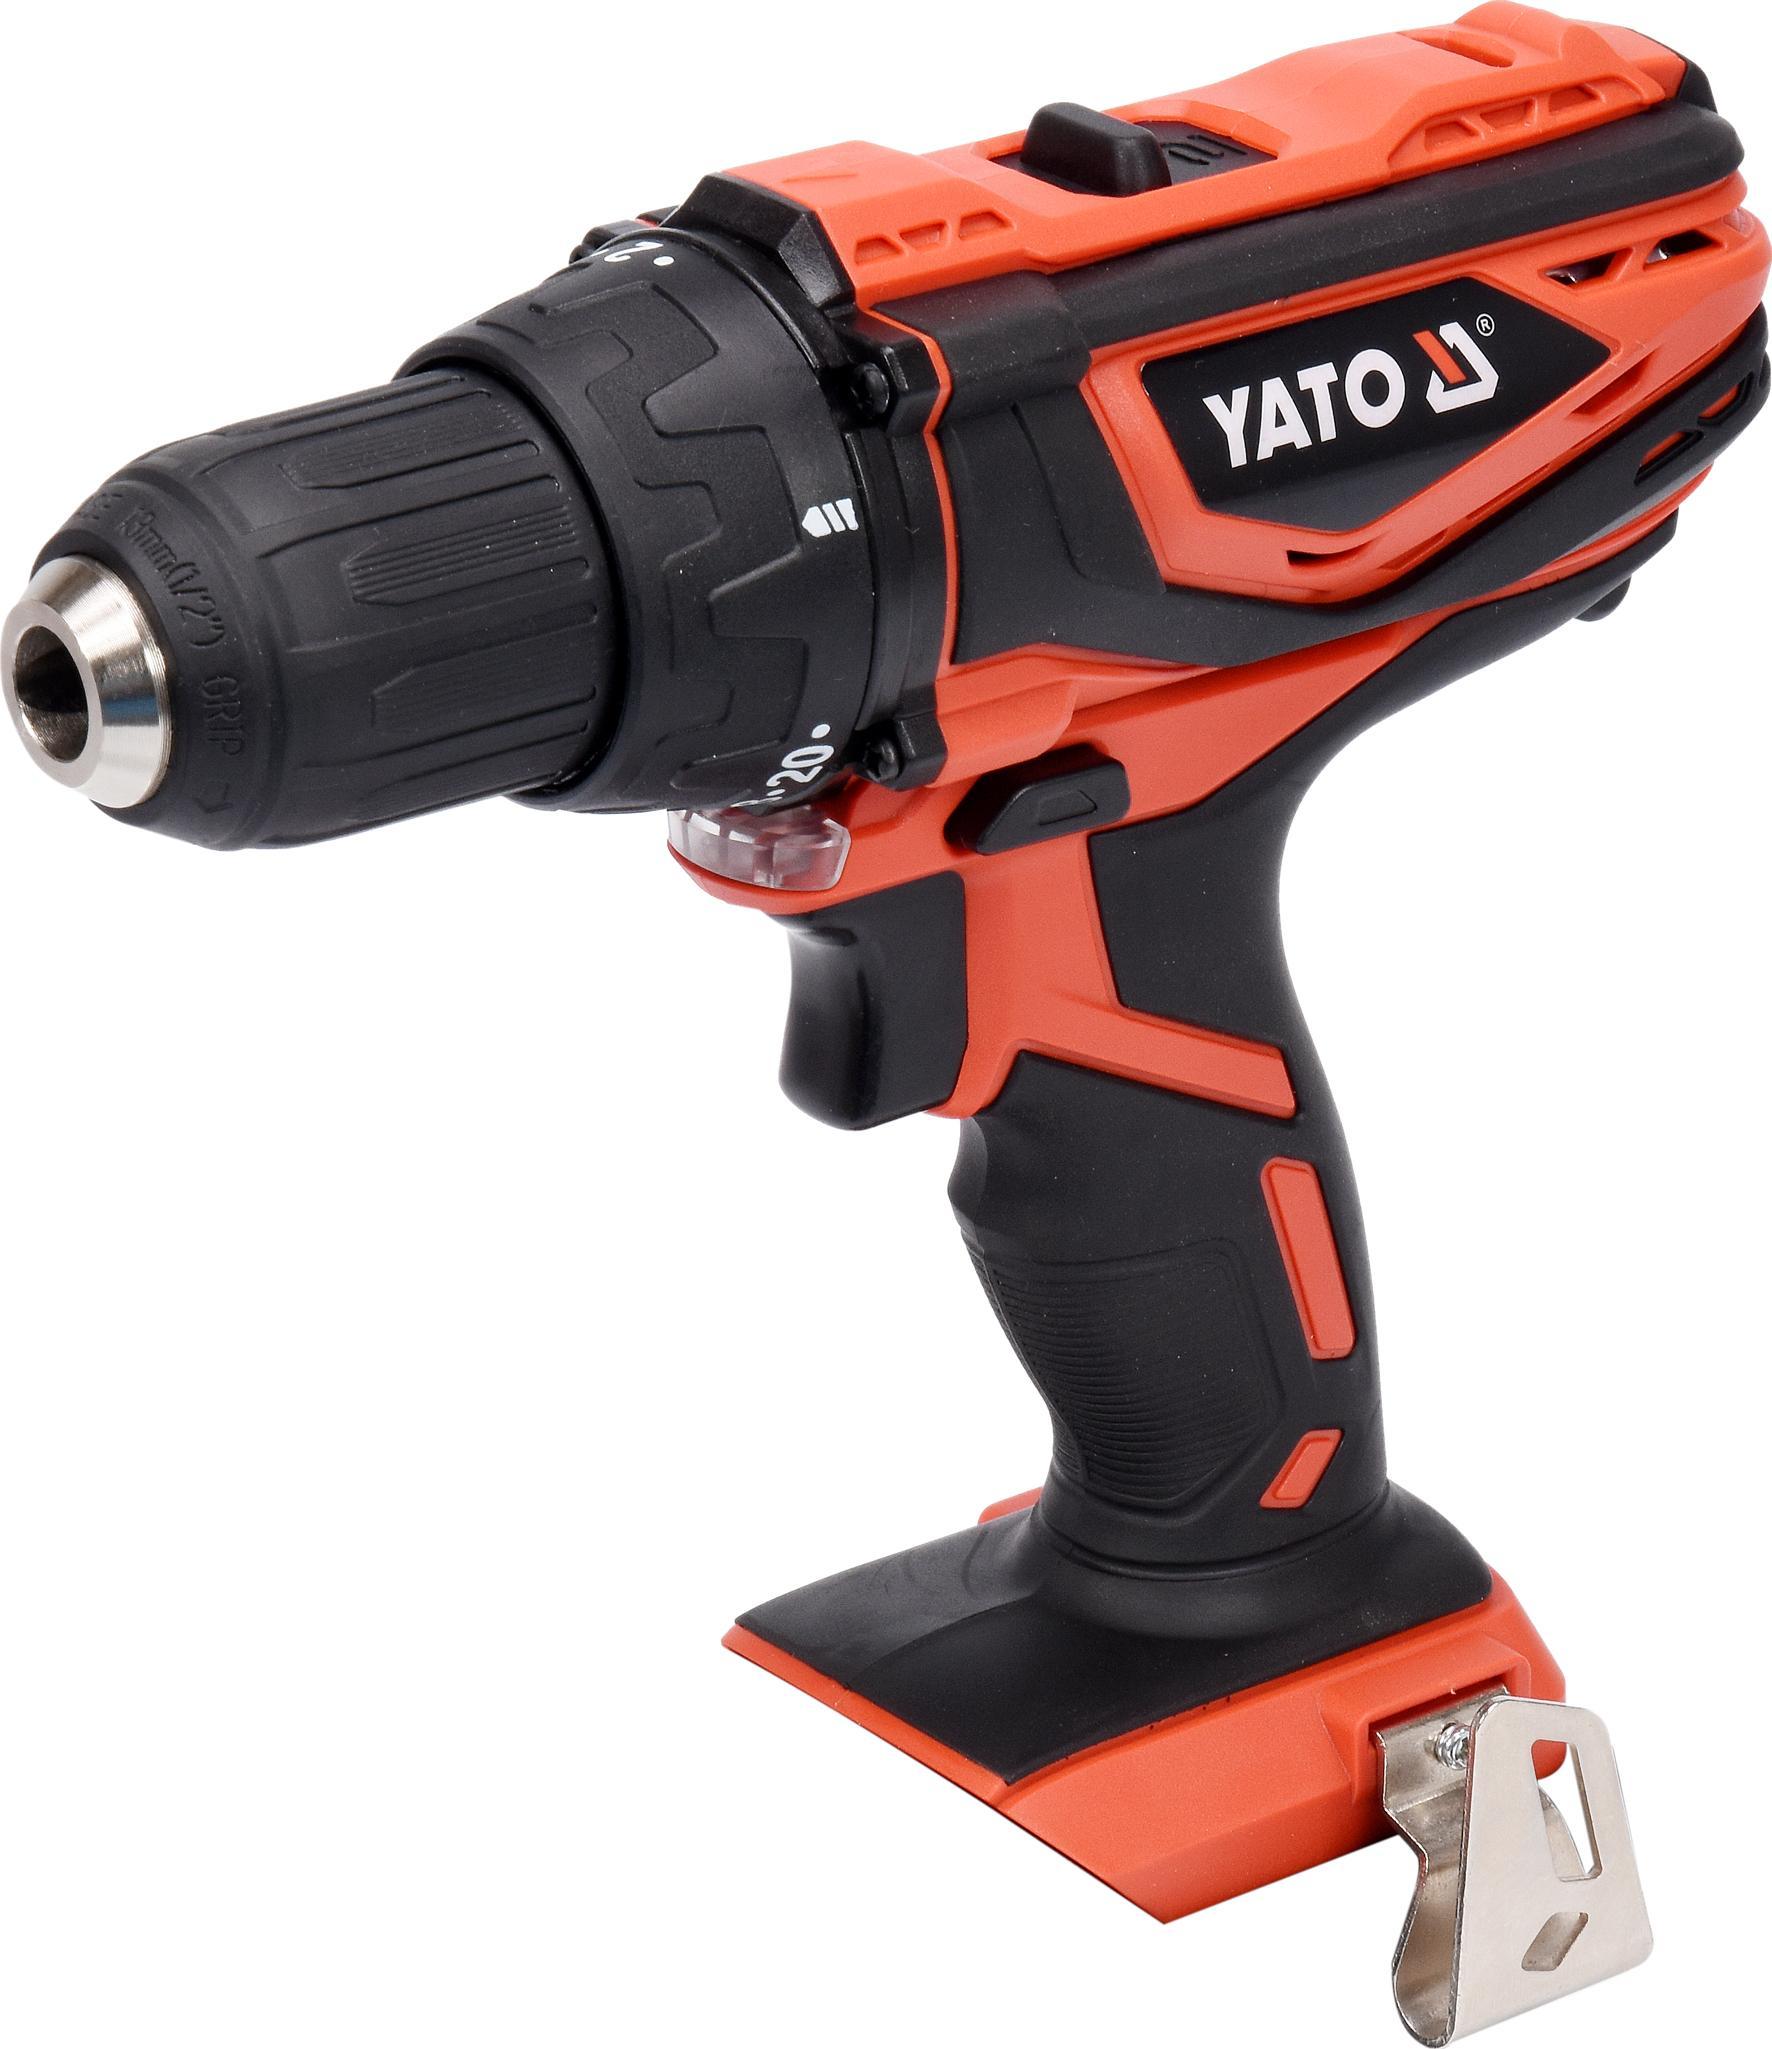 YT-82781 YATO Spannbereich Bohrfutter bis: 13mm, Drehzahl bis: 1650, 4401/min, Drehmoment bis: 40Nm Akkuschrauber YT-82781 günstig kaufen